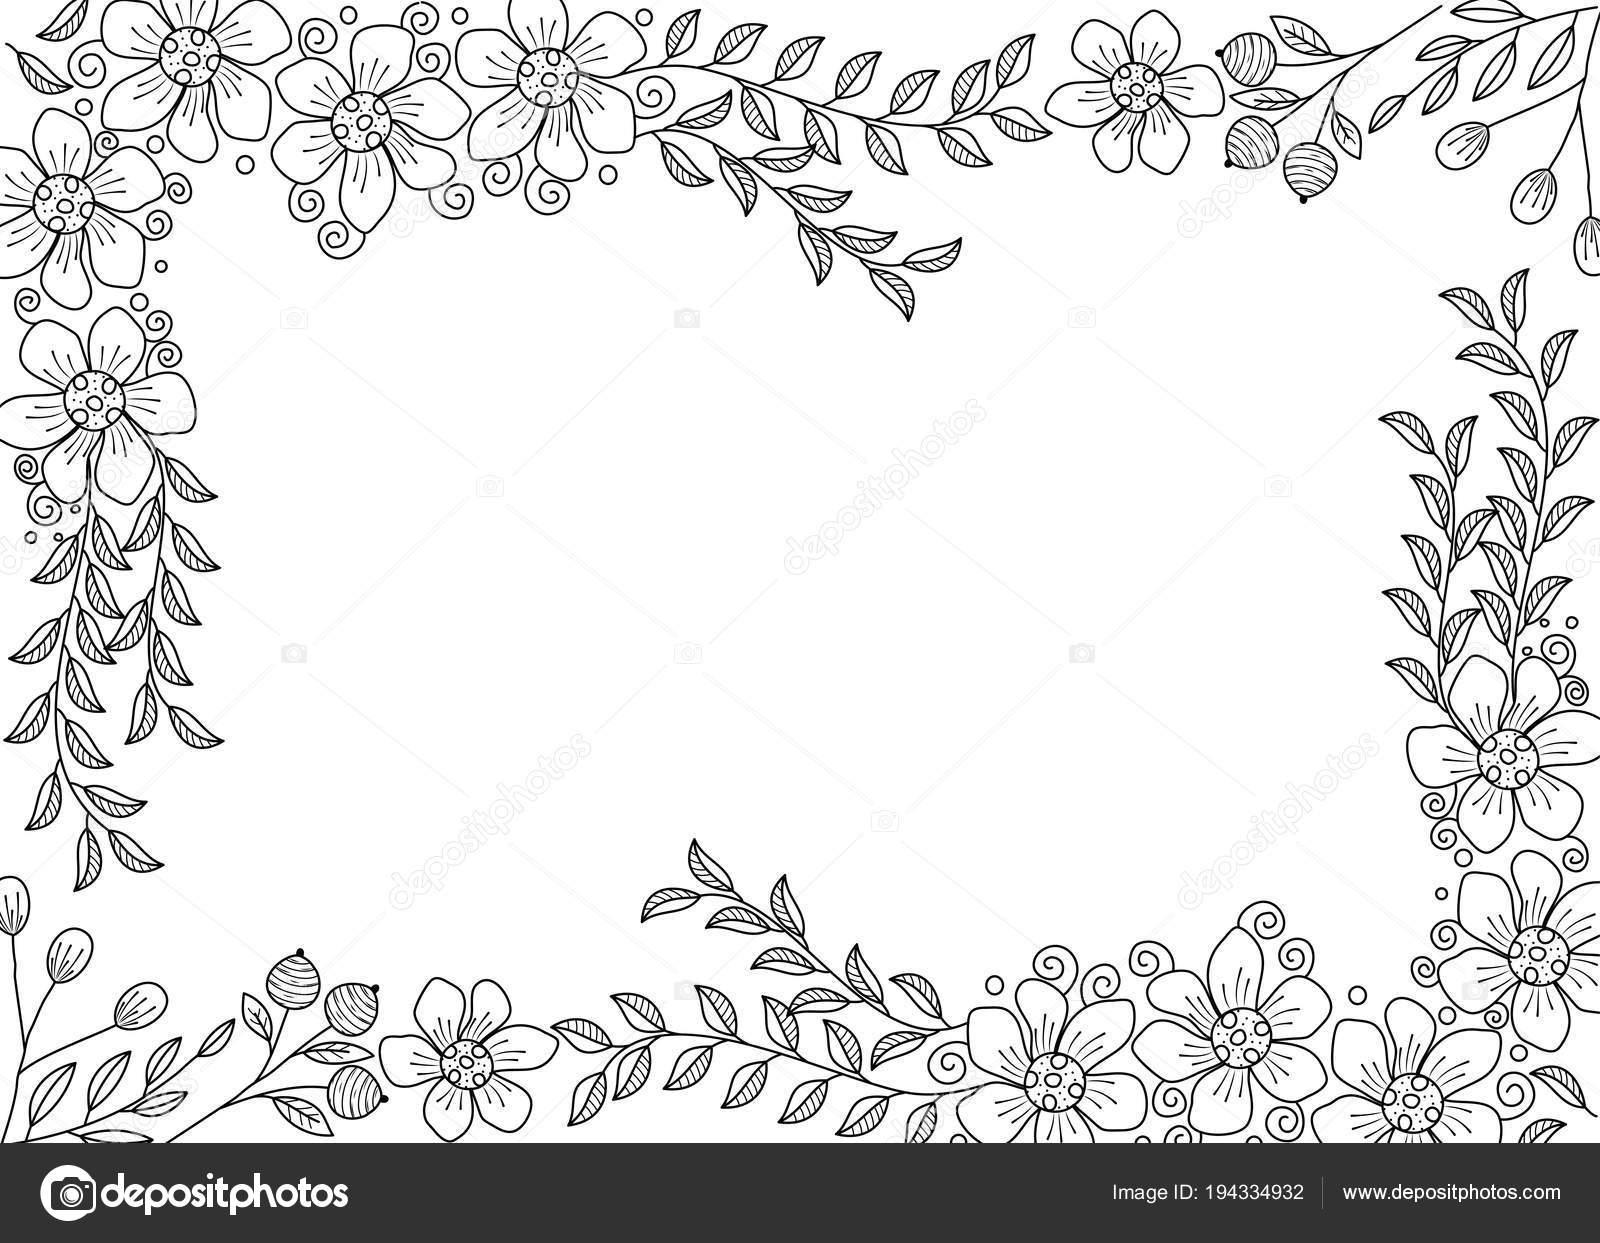 Coloriage Cadre Fleur.Cadre Fleur Coloriages Pour Adulte Illustration Doodle Style Vector